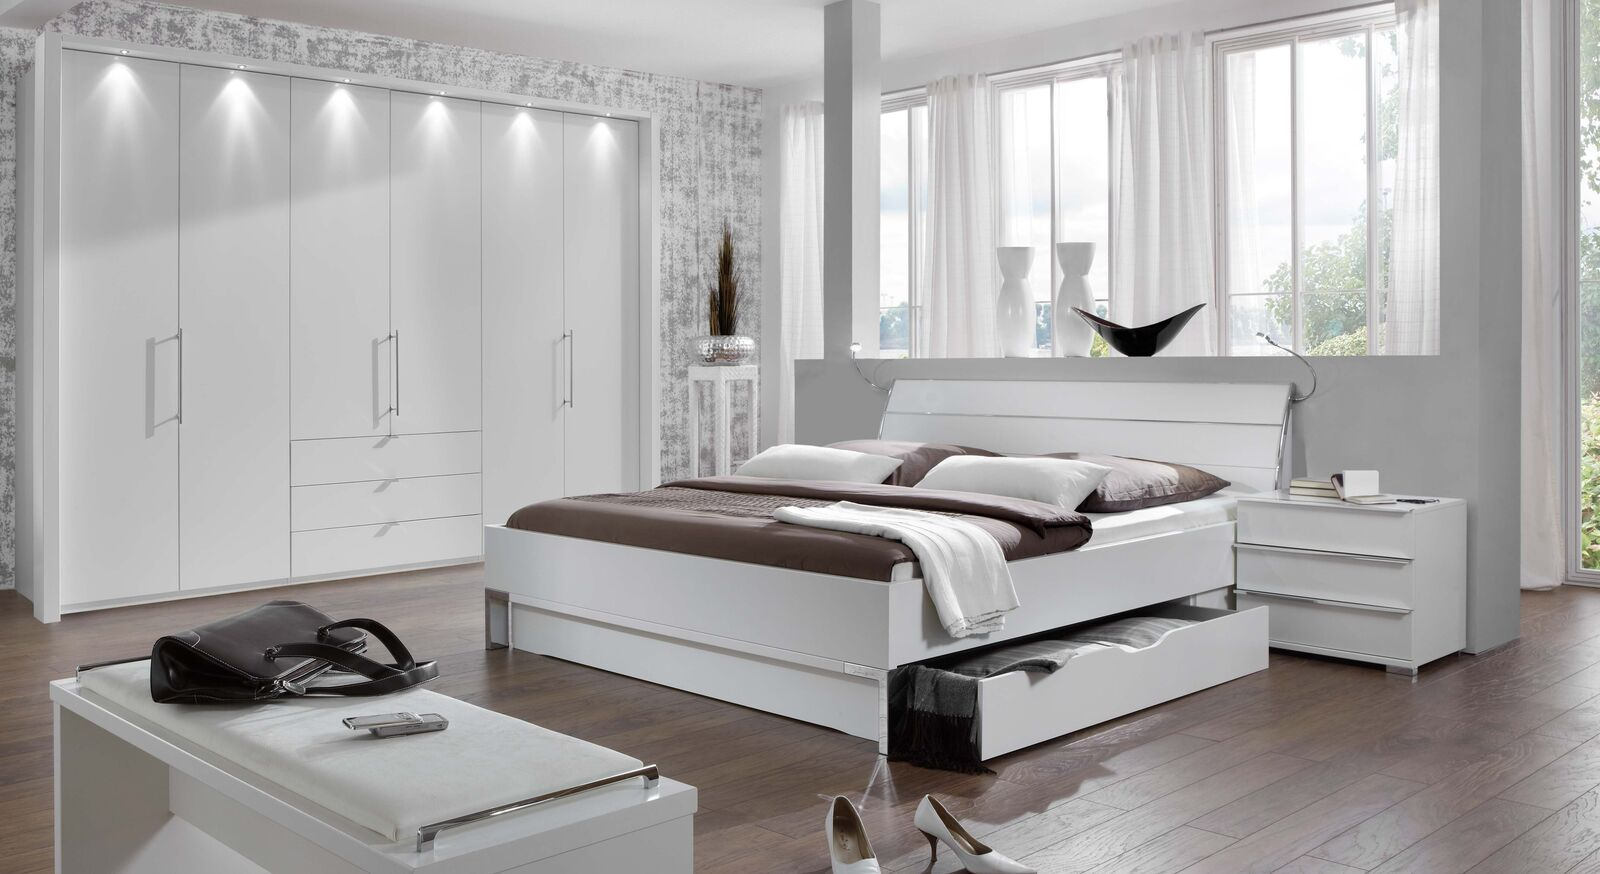 Komplett-Schlafzimmer Salford aus weißem Dekor